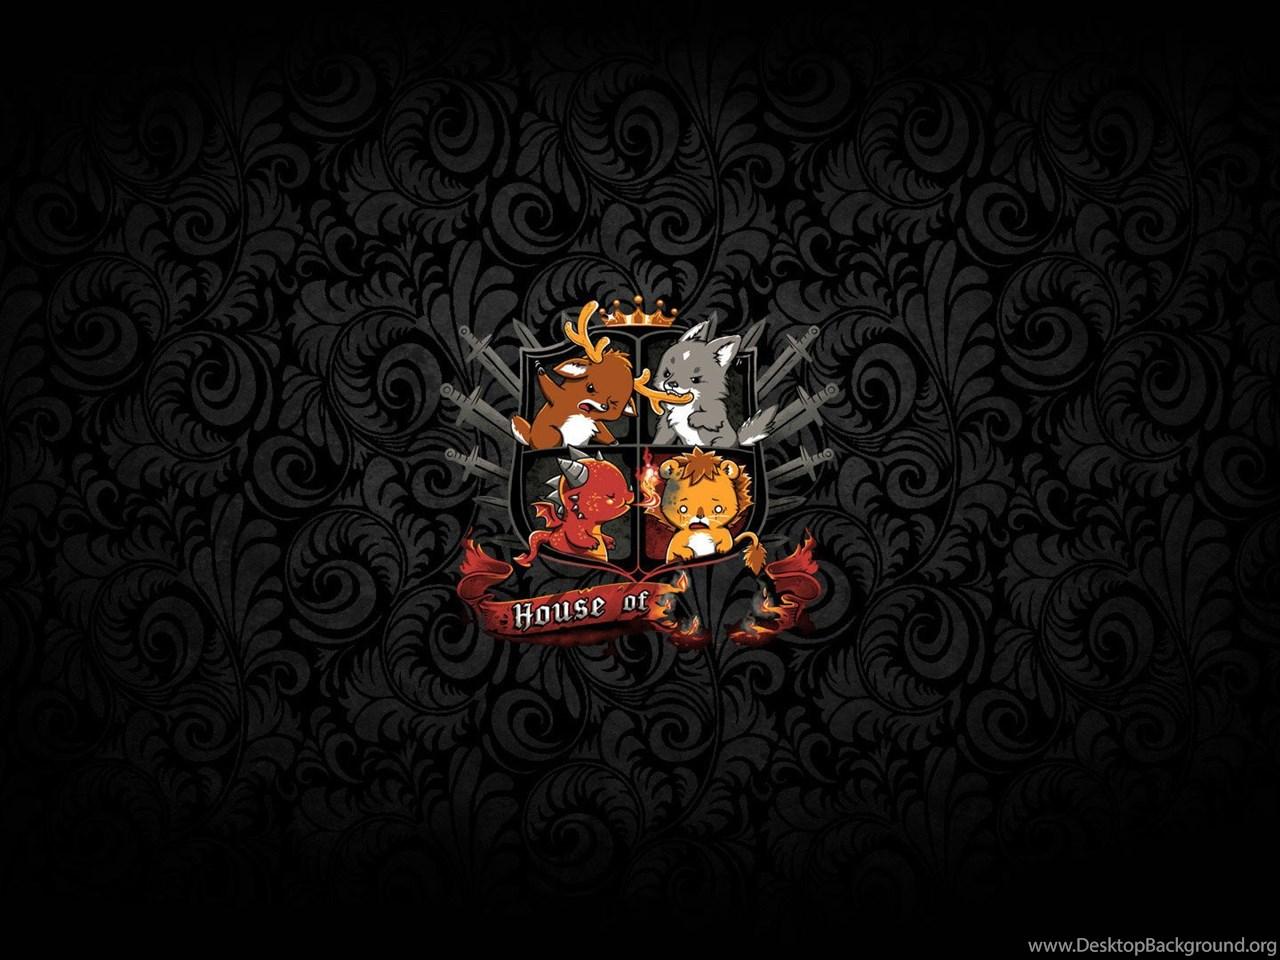 Game Of Thrones Wallpapers Desktop Background